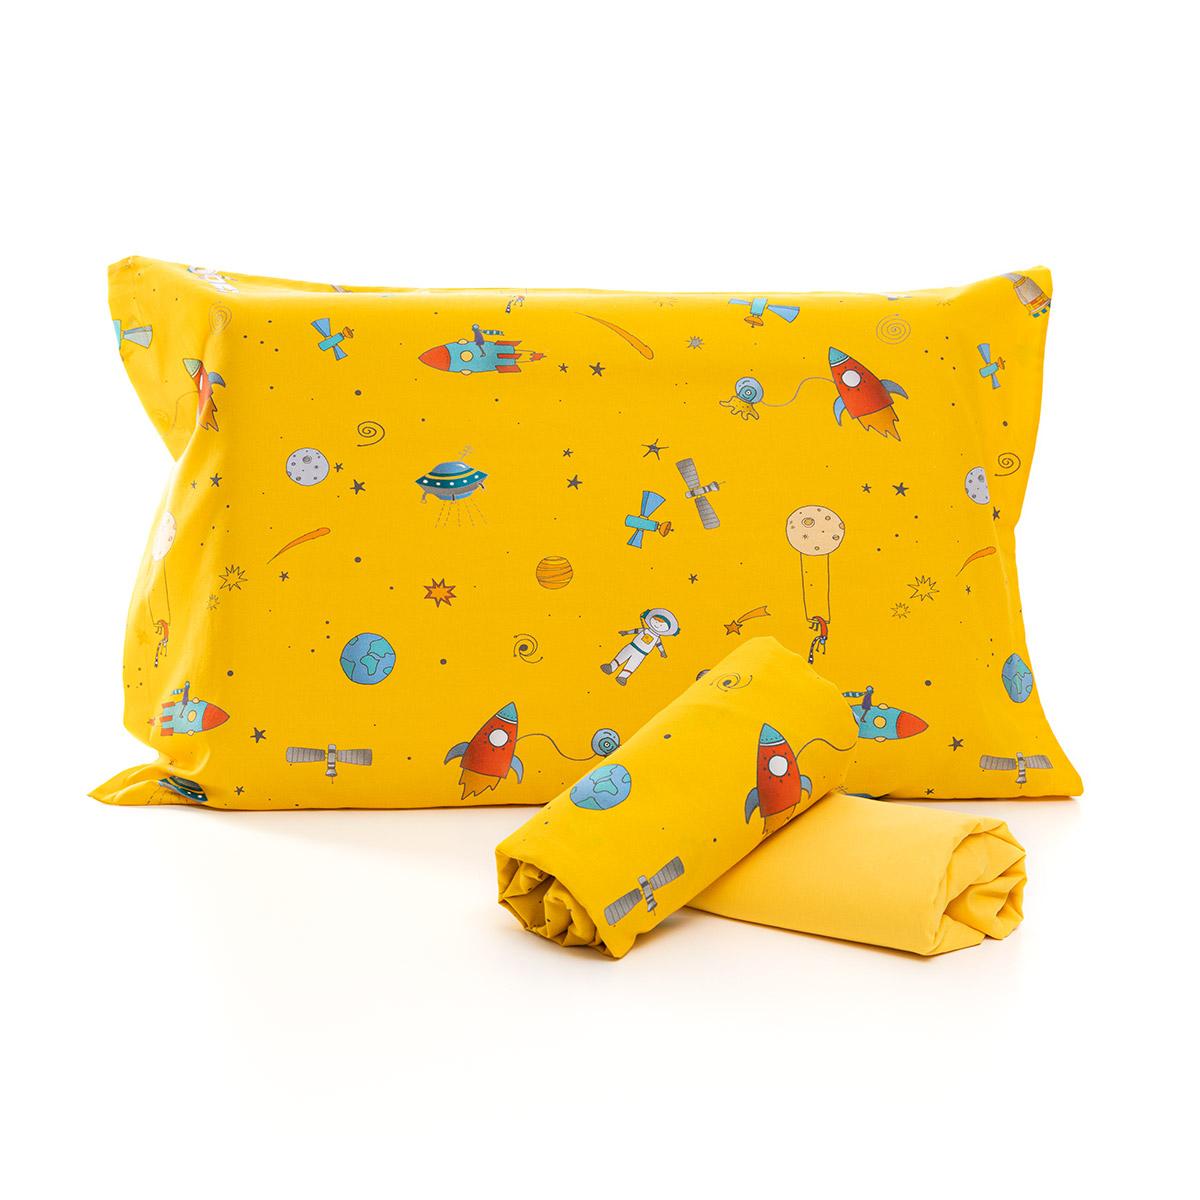 Jogo De Cama Espaço Amarelo Com Lençol De Elástico Amarelo